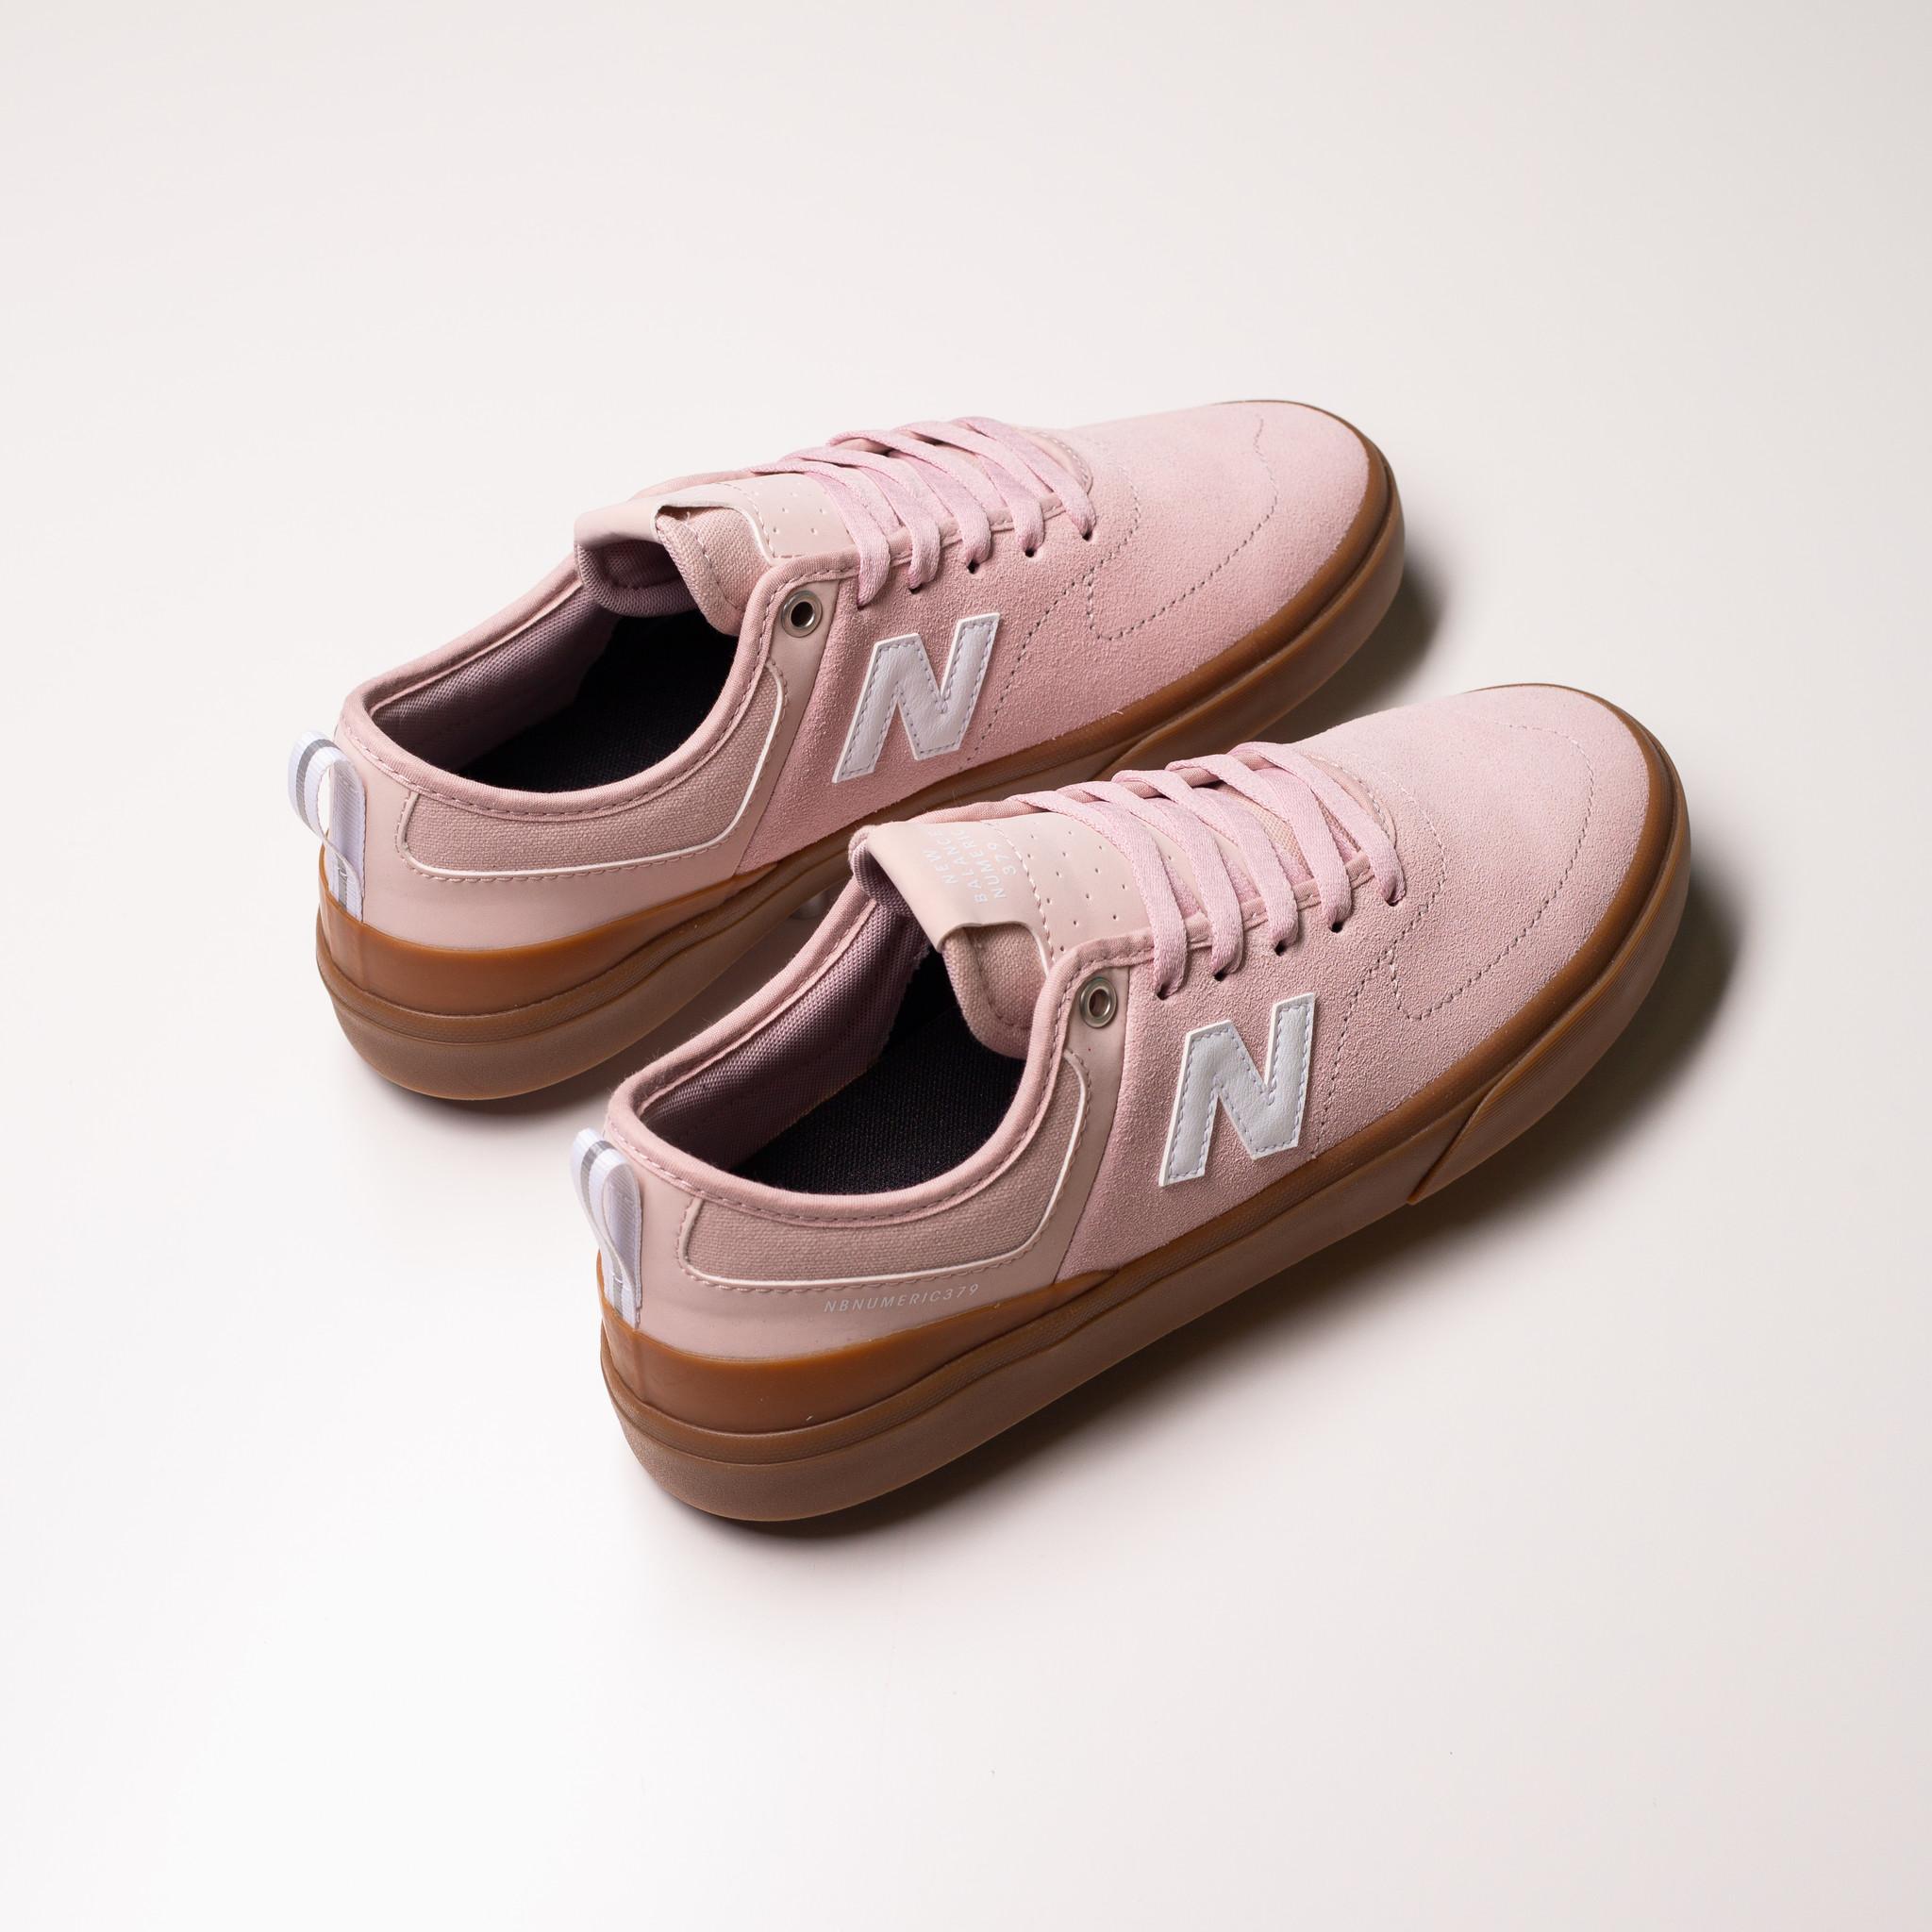 New Balance 379 pink gum